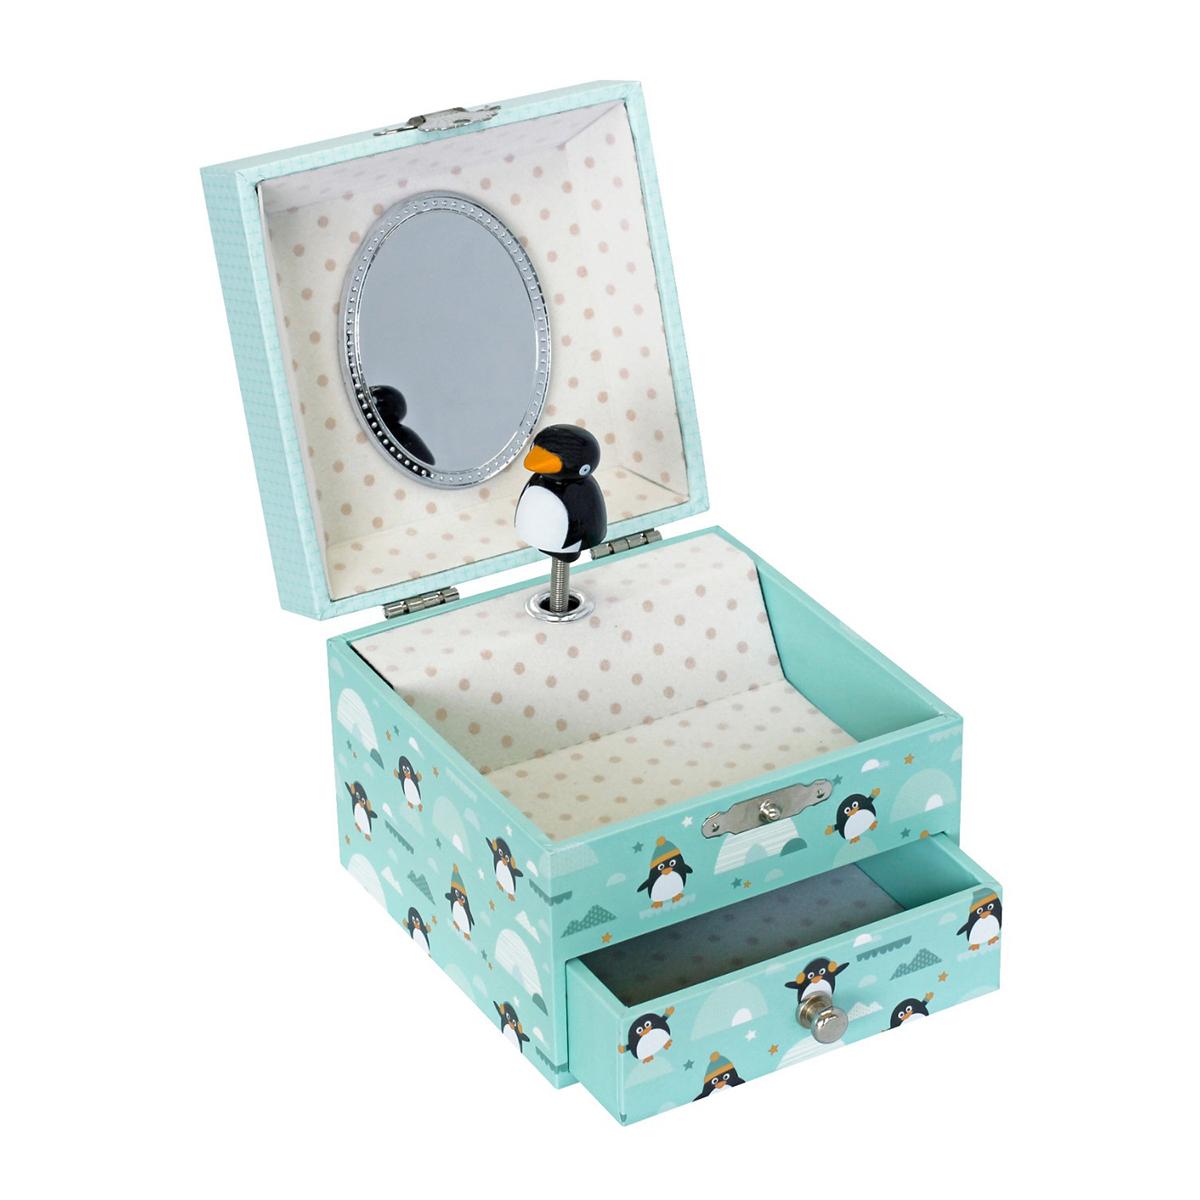 Boîte à musique Boîte à Bijoux Musicale Phosphorescente Pingouin Boîte à Bijoux Musicale Phosphorescente Pingouin